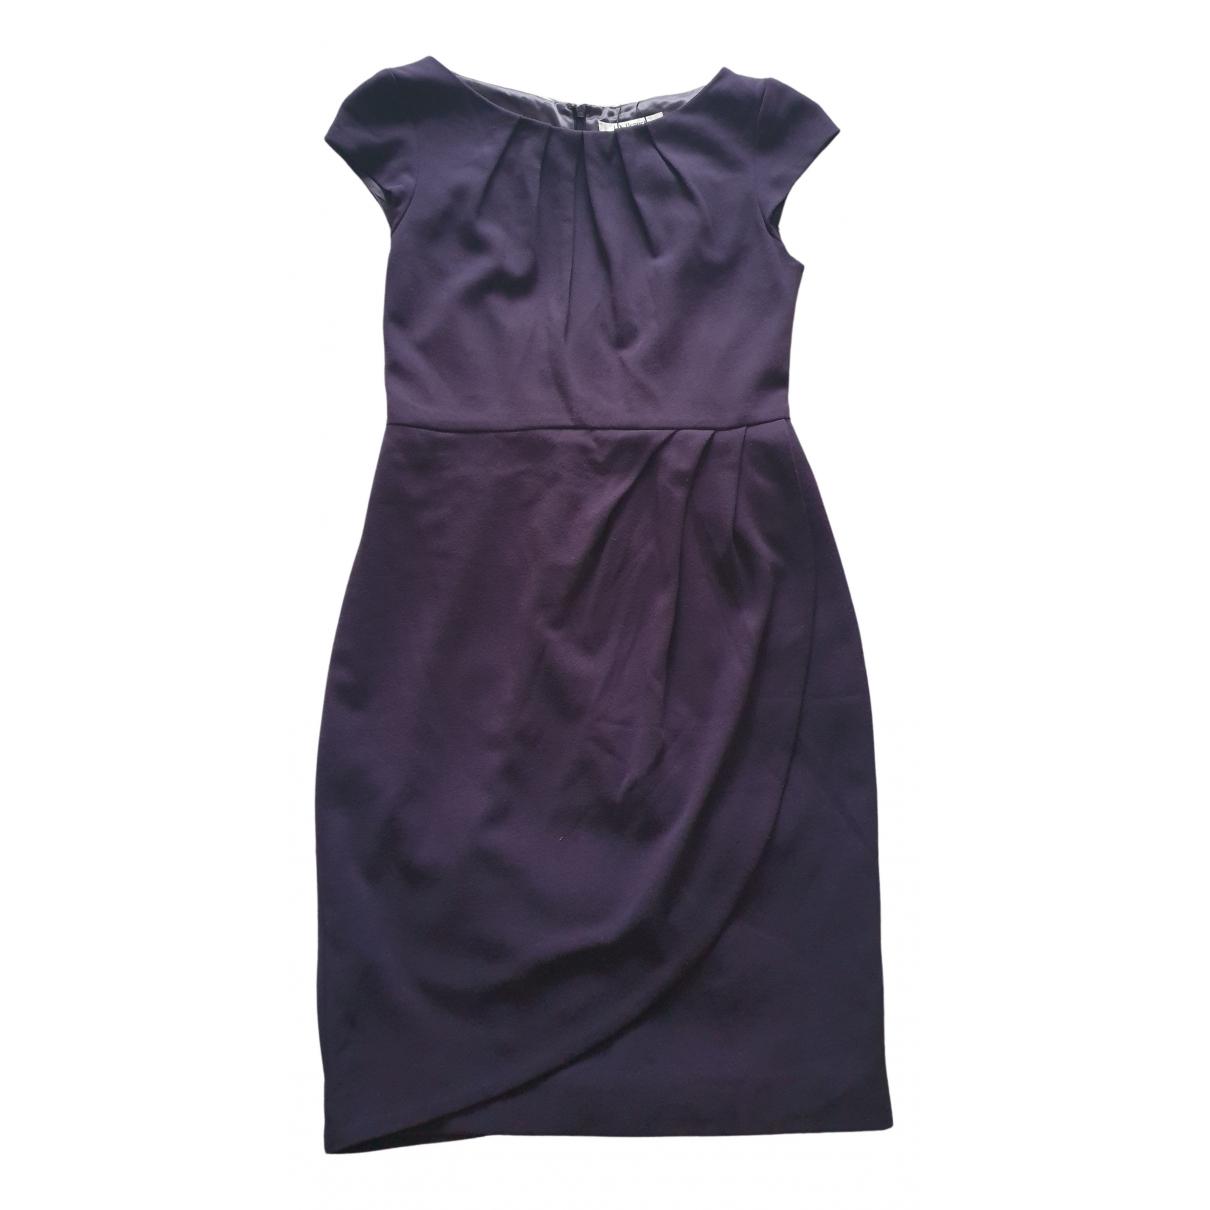 Lk Bennett - Robe   pour femme - violet